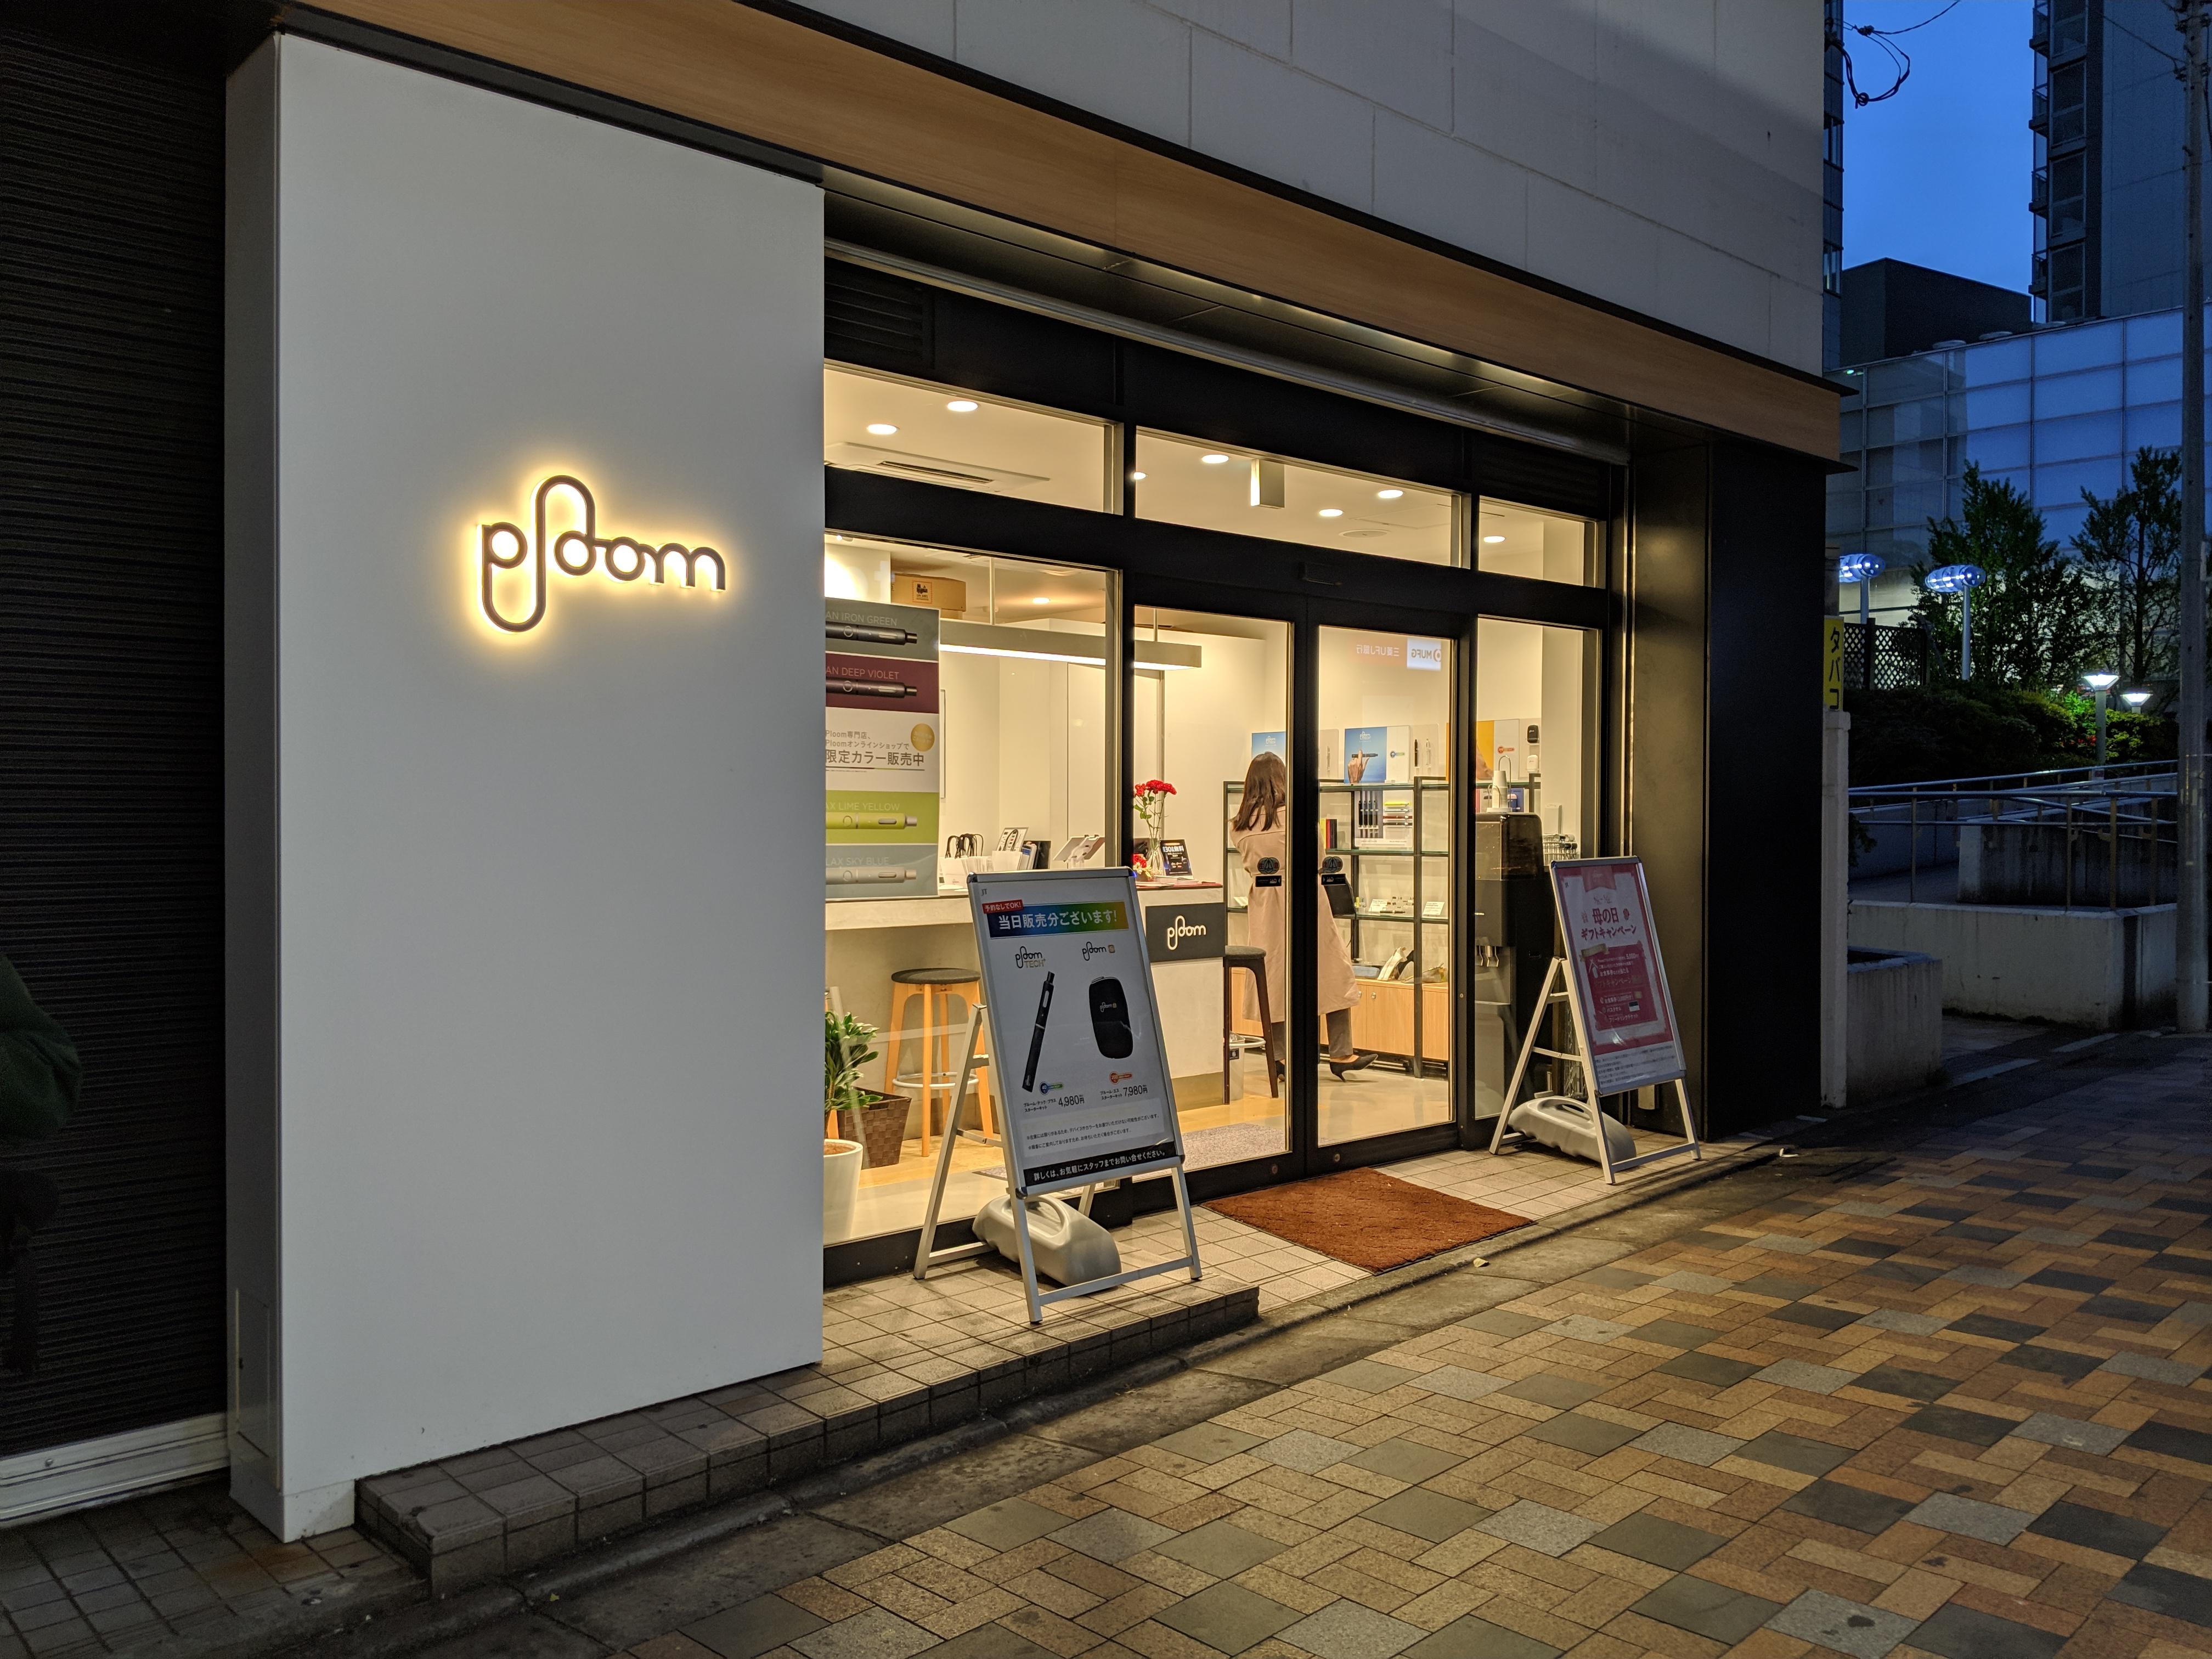 【Ploom Shop 中目黒】すべてのフレーバーが試せる超駅近のPloom TECH専門店 ナカメディア